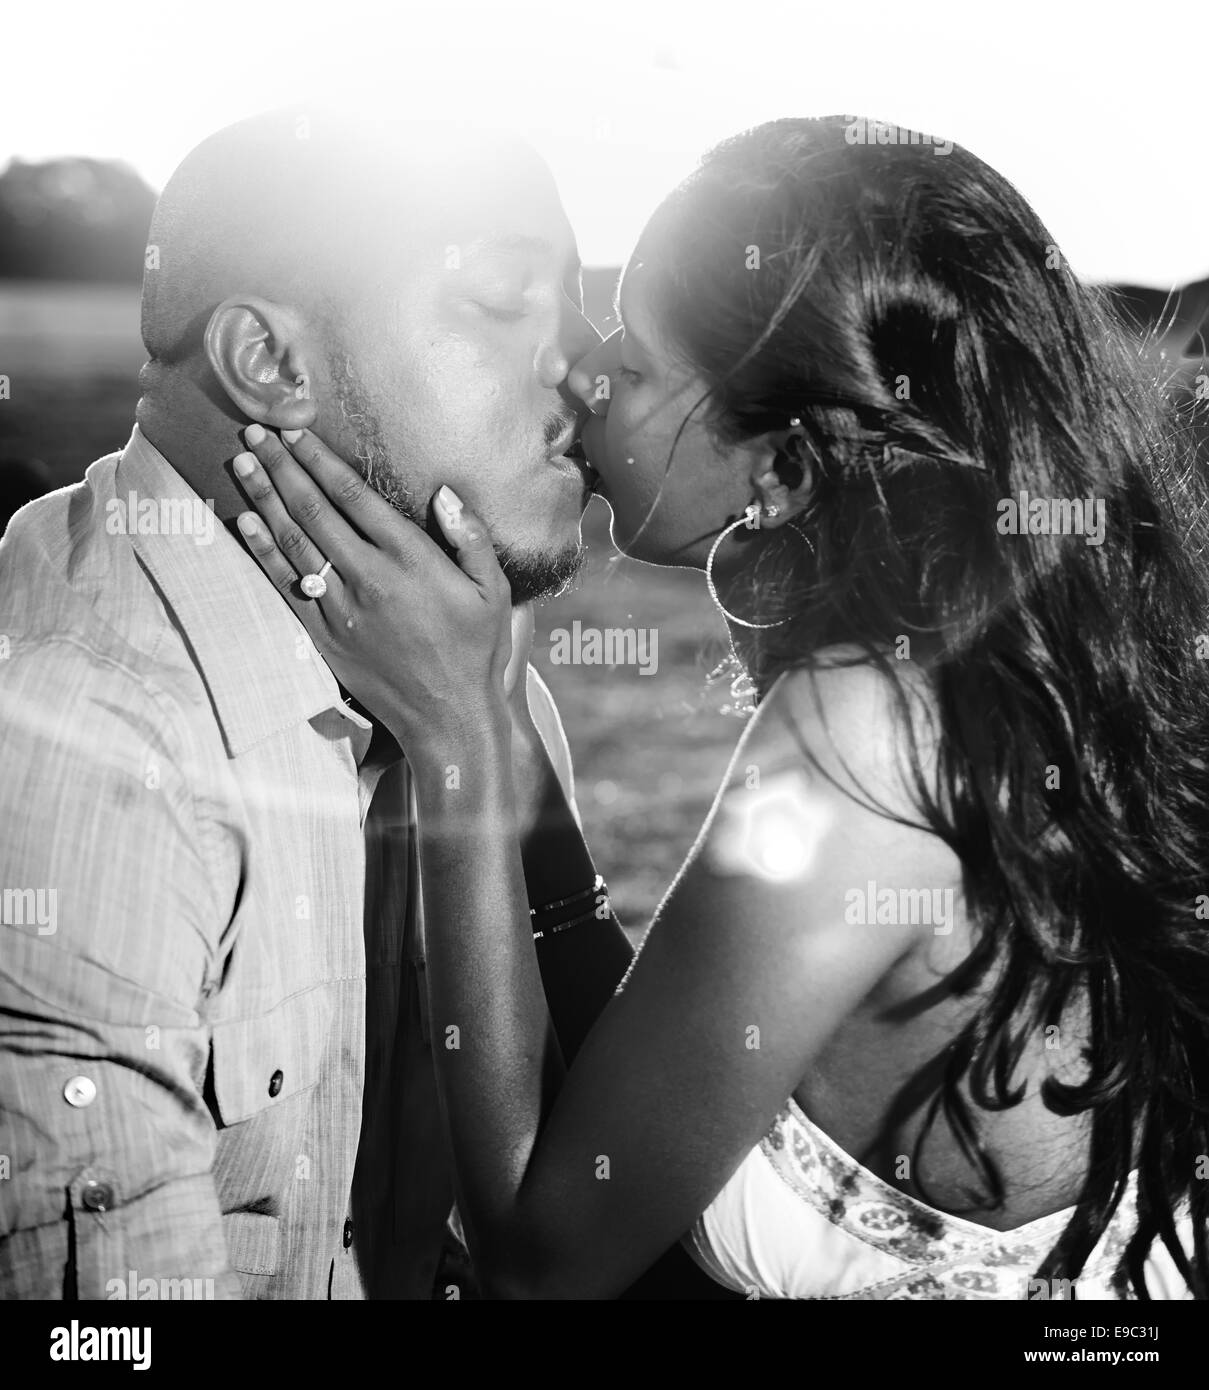 Pareja besándose con el brillo del sol en blanco y negro Imagen De Stock